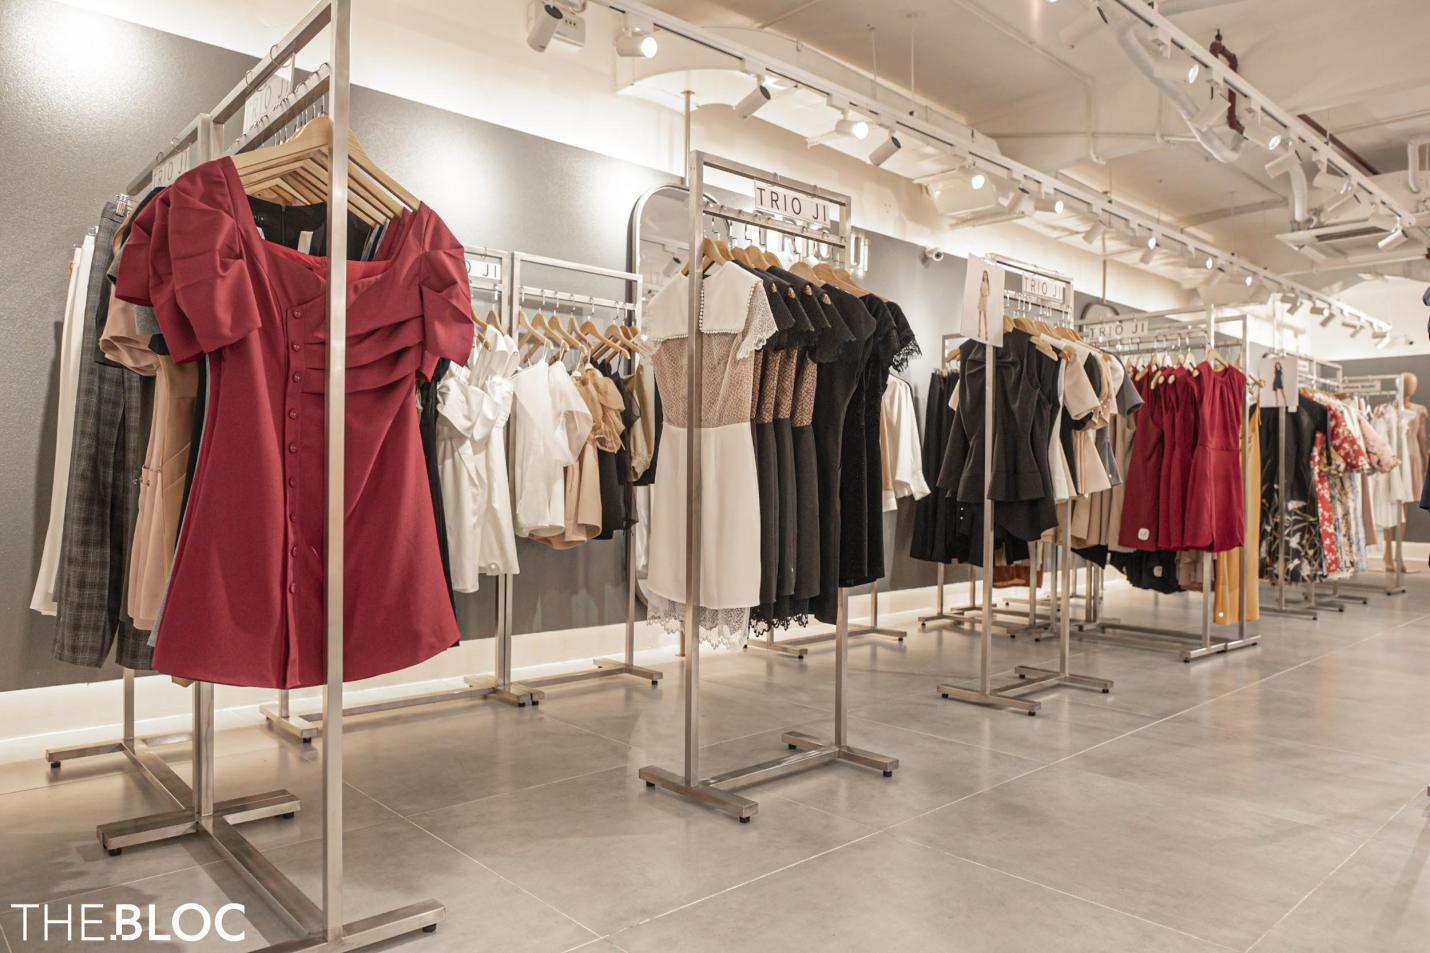 The BLOC - Mô hình mua sắm mới toanh dành cho những ai mê thời trang thiết kế Việt - Ảnh 2.